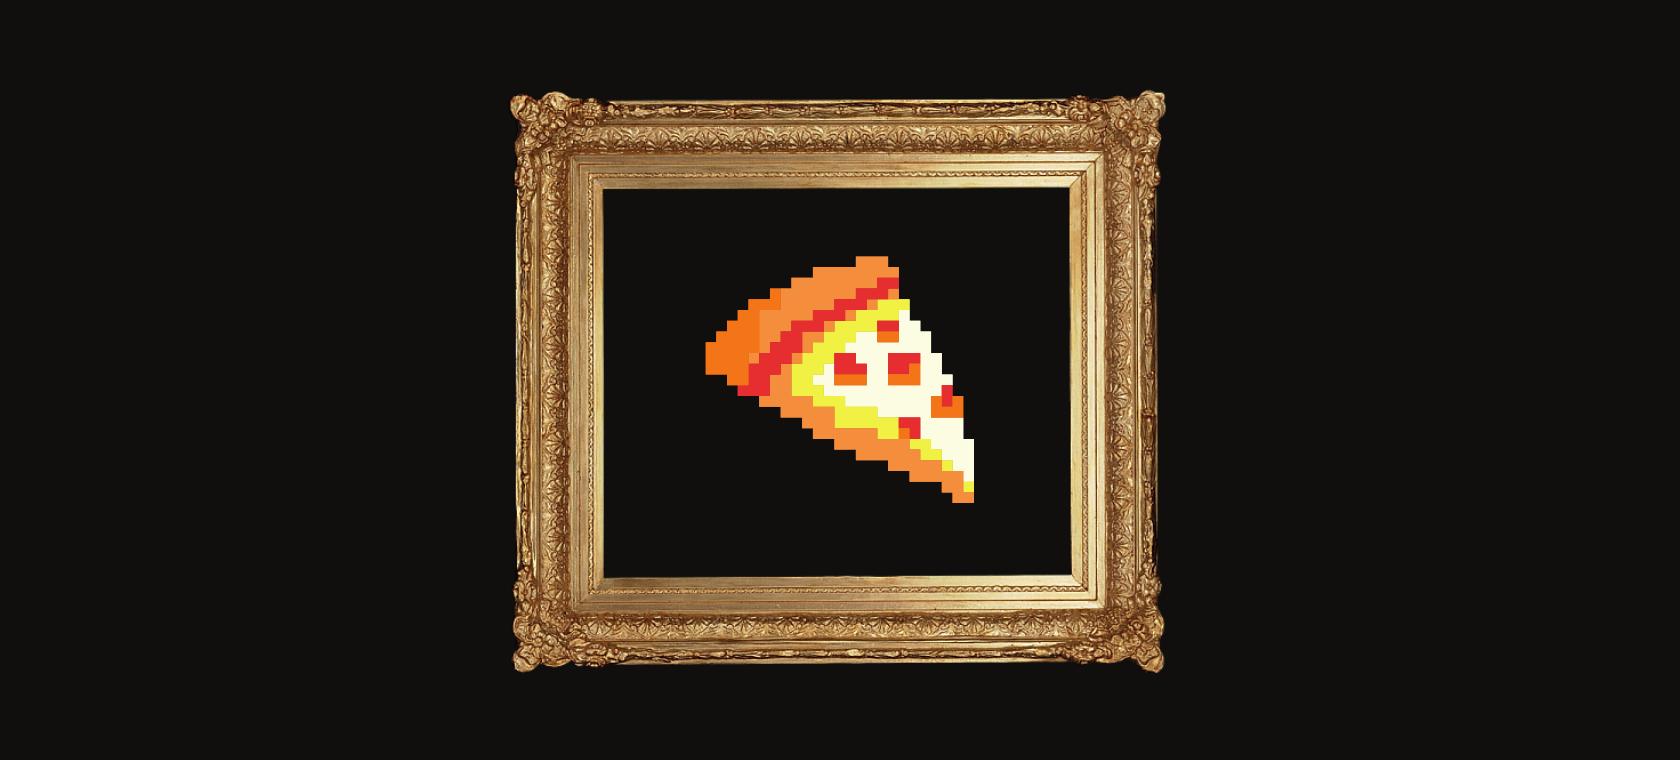 Piksel ilustracija NFT pizze u zlatom okviru za slike.